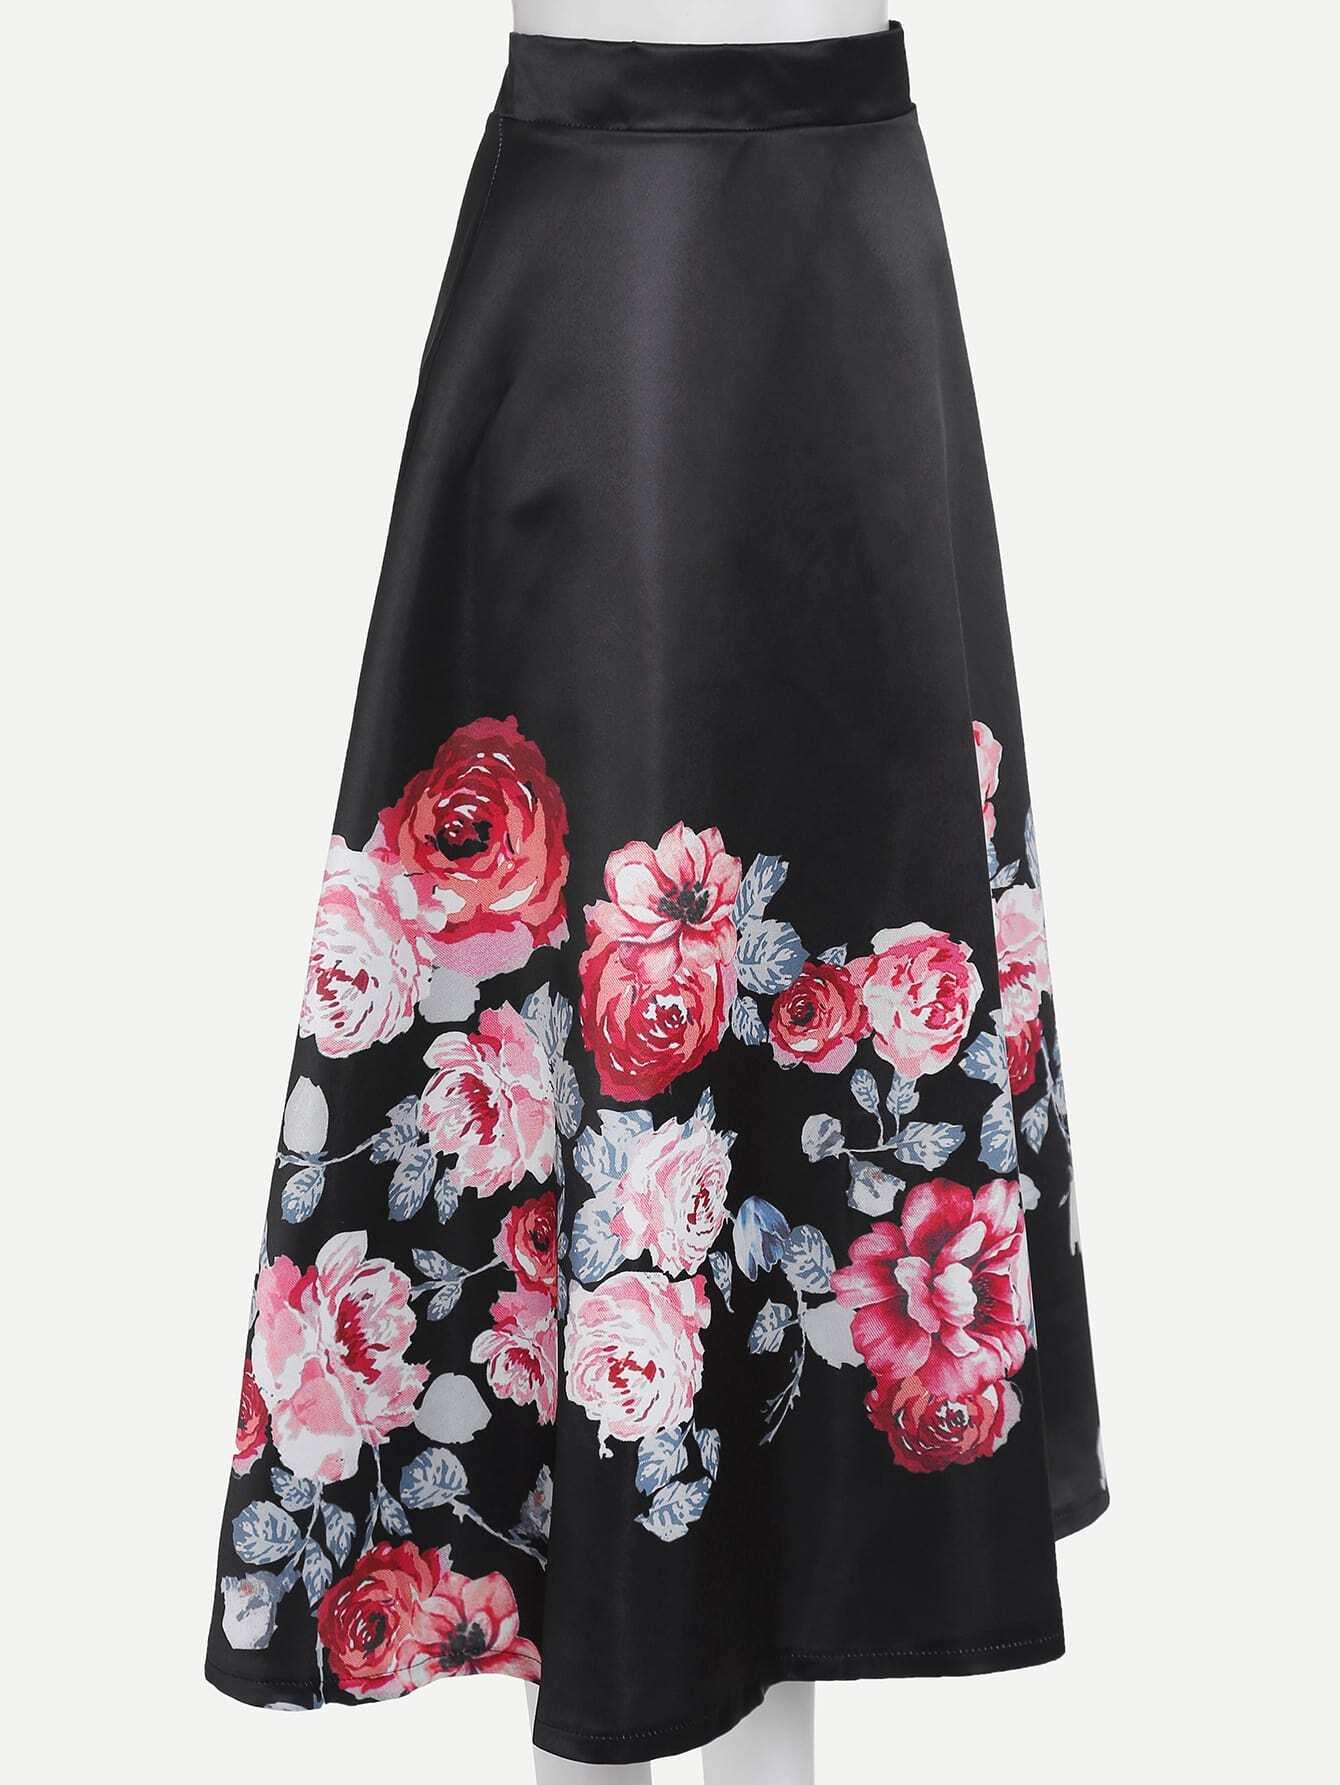 skirt161229301_2